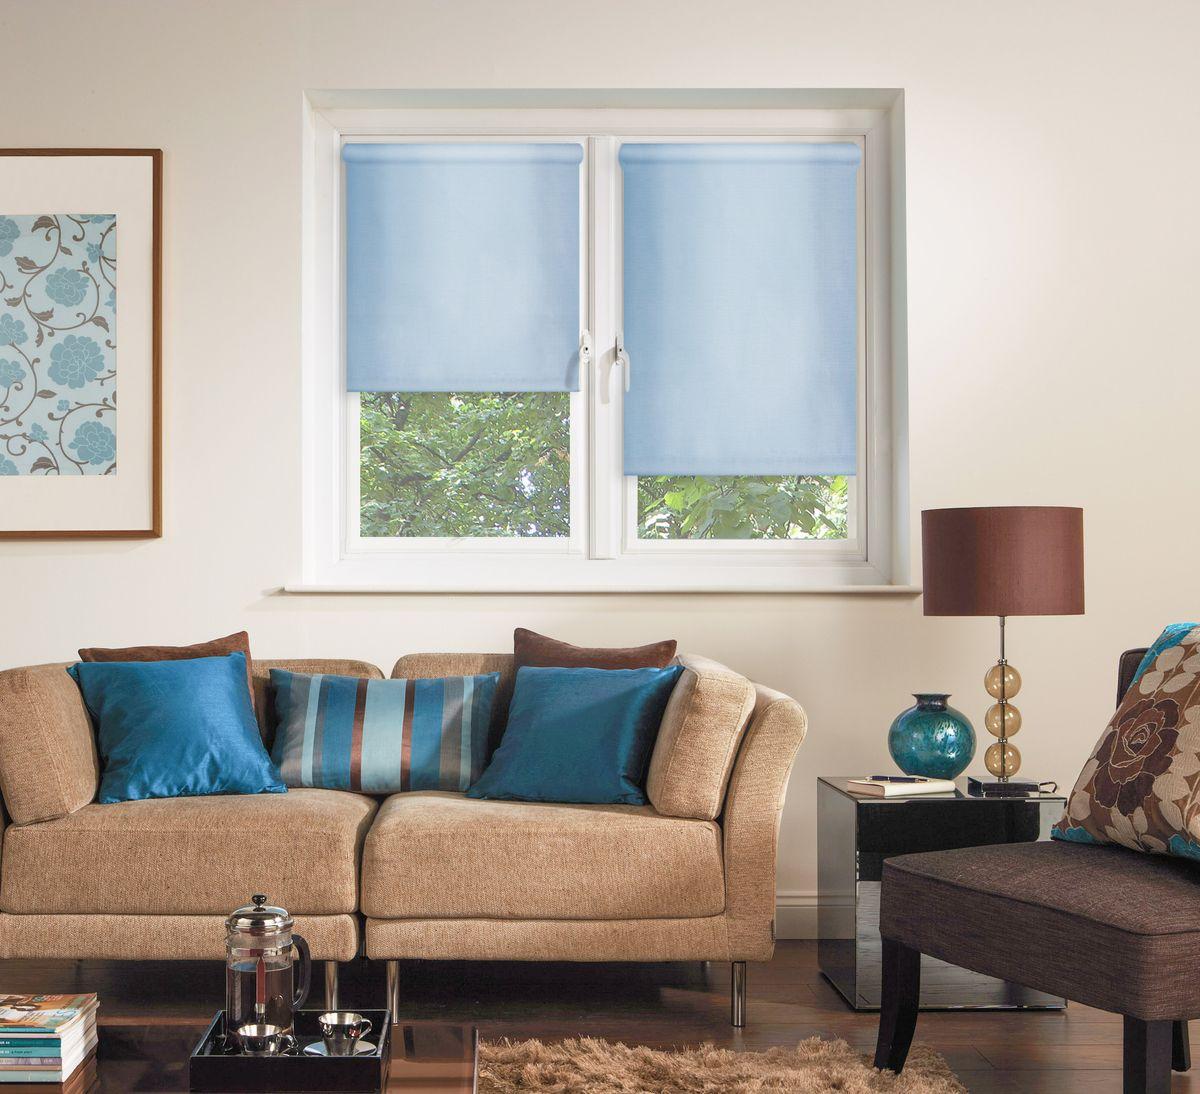 Штора рулонная Эскар Миниролло, цвет: голубой, ширина 57 см, высота 170 см34020048170Рулонная штора Эскар Миниролло выполнена из высокопрочной ткани, которая сохраняет свой размер даже при намокании. Ткань не выцветает и обладает отличной цветоустойчивостью.Миниролло - это подвид рулонных штор, который закрывает не весь оконный проем, а непосредственно само стекло. Такие шторы крепятся на раму без сверления при помощи зажимов или клейкой двухсторонней ленты (в комплекте). Окно остается на гарантии, благодаря монтажу без сверления. Такая штора станет прекрасным элементом декора окна и гармонично впишется в интерьер любого помещения.